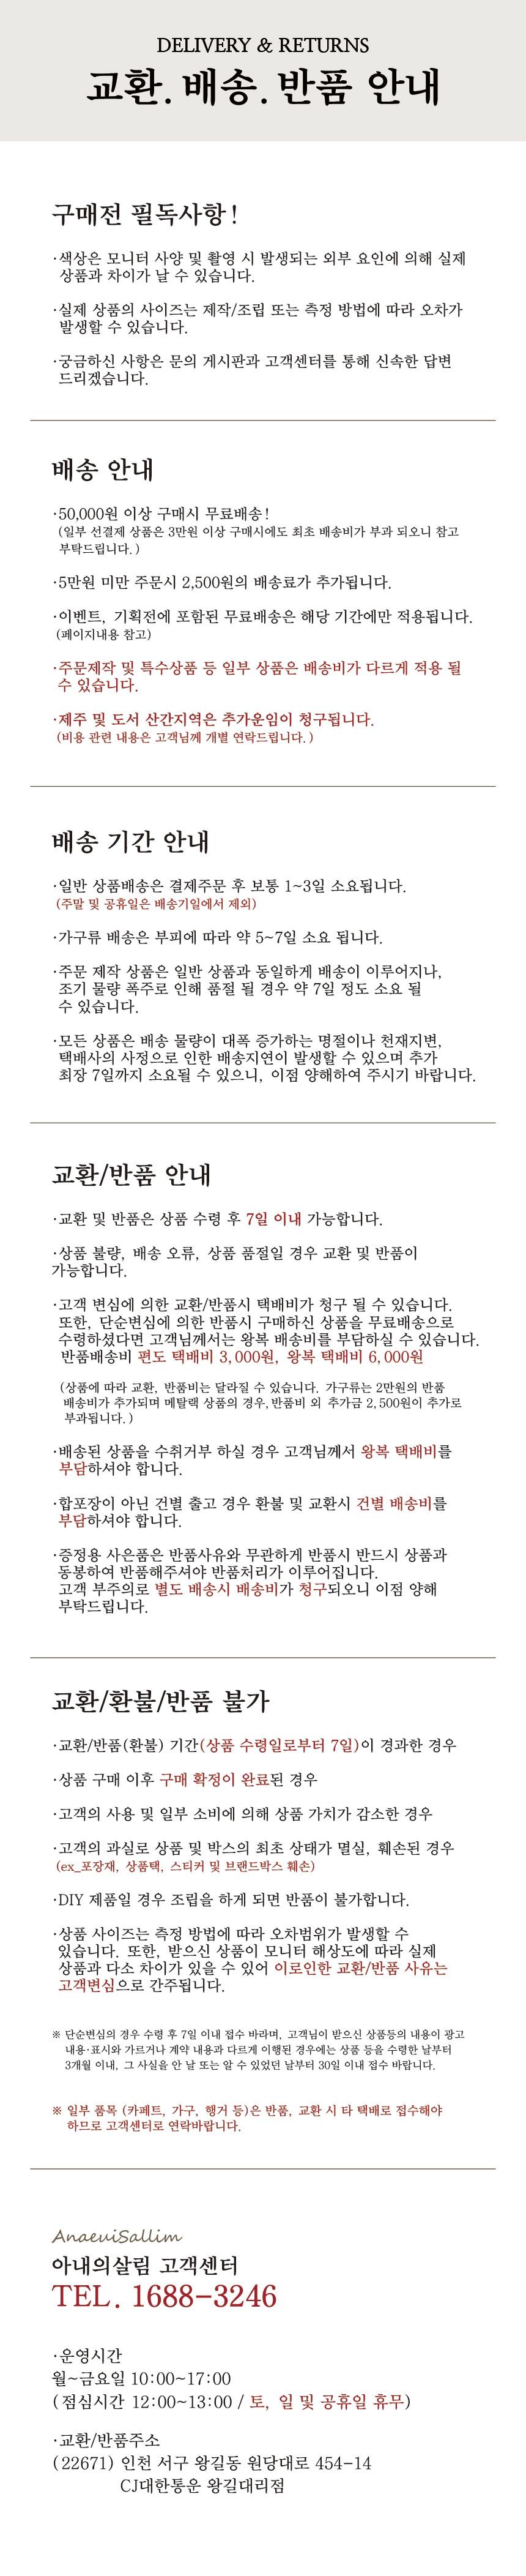 아내의살림-배송정보-5만.jpg